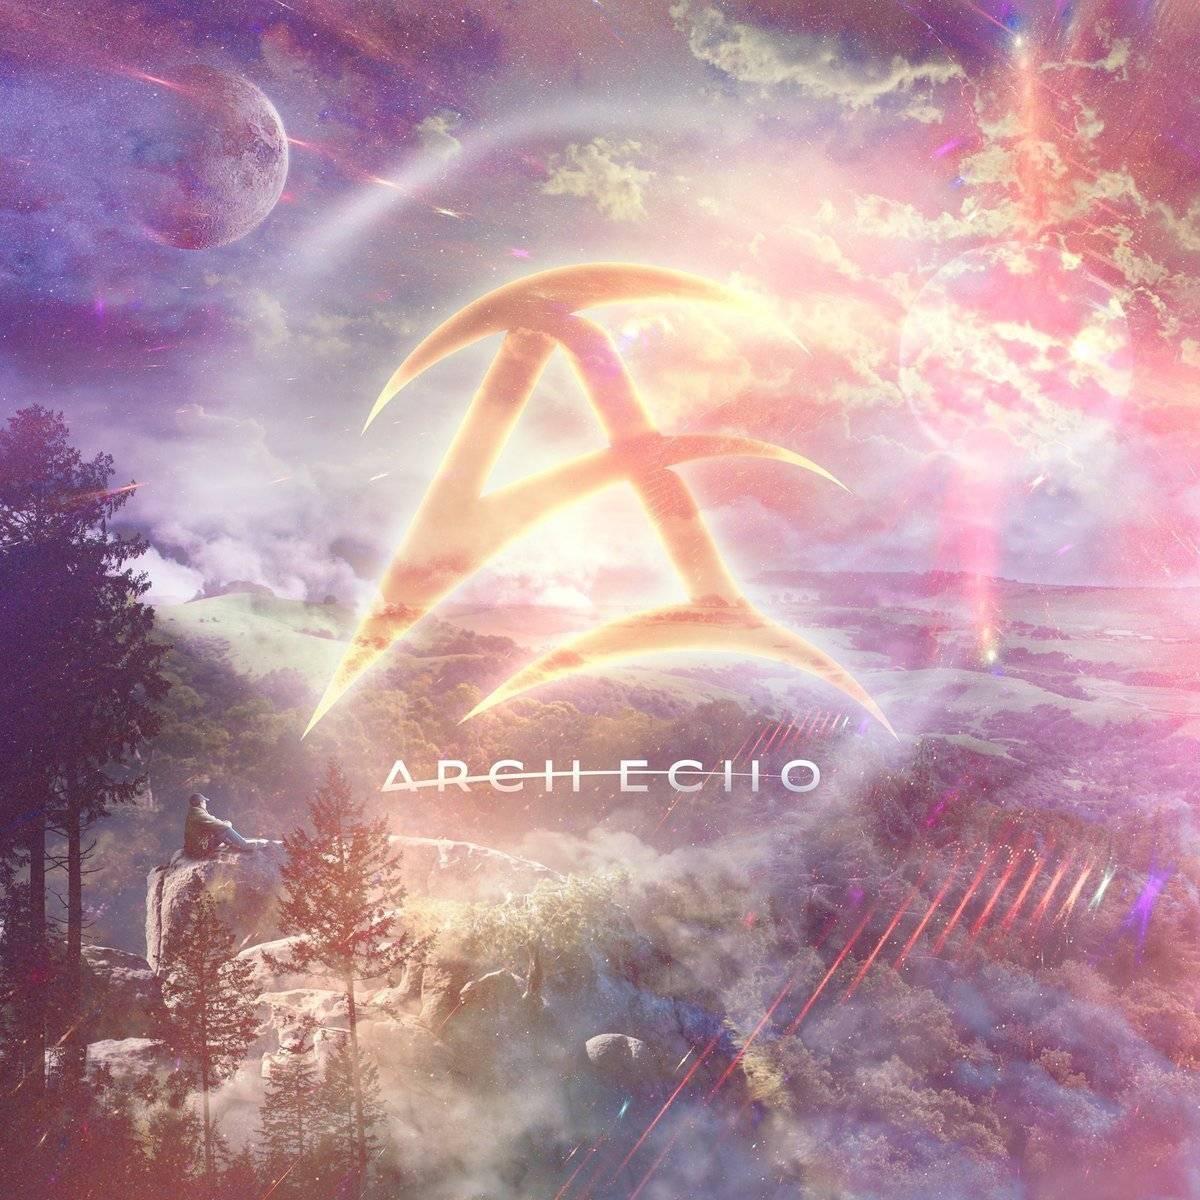 Arch Echo – Arch Echo